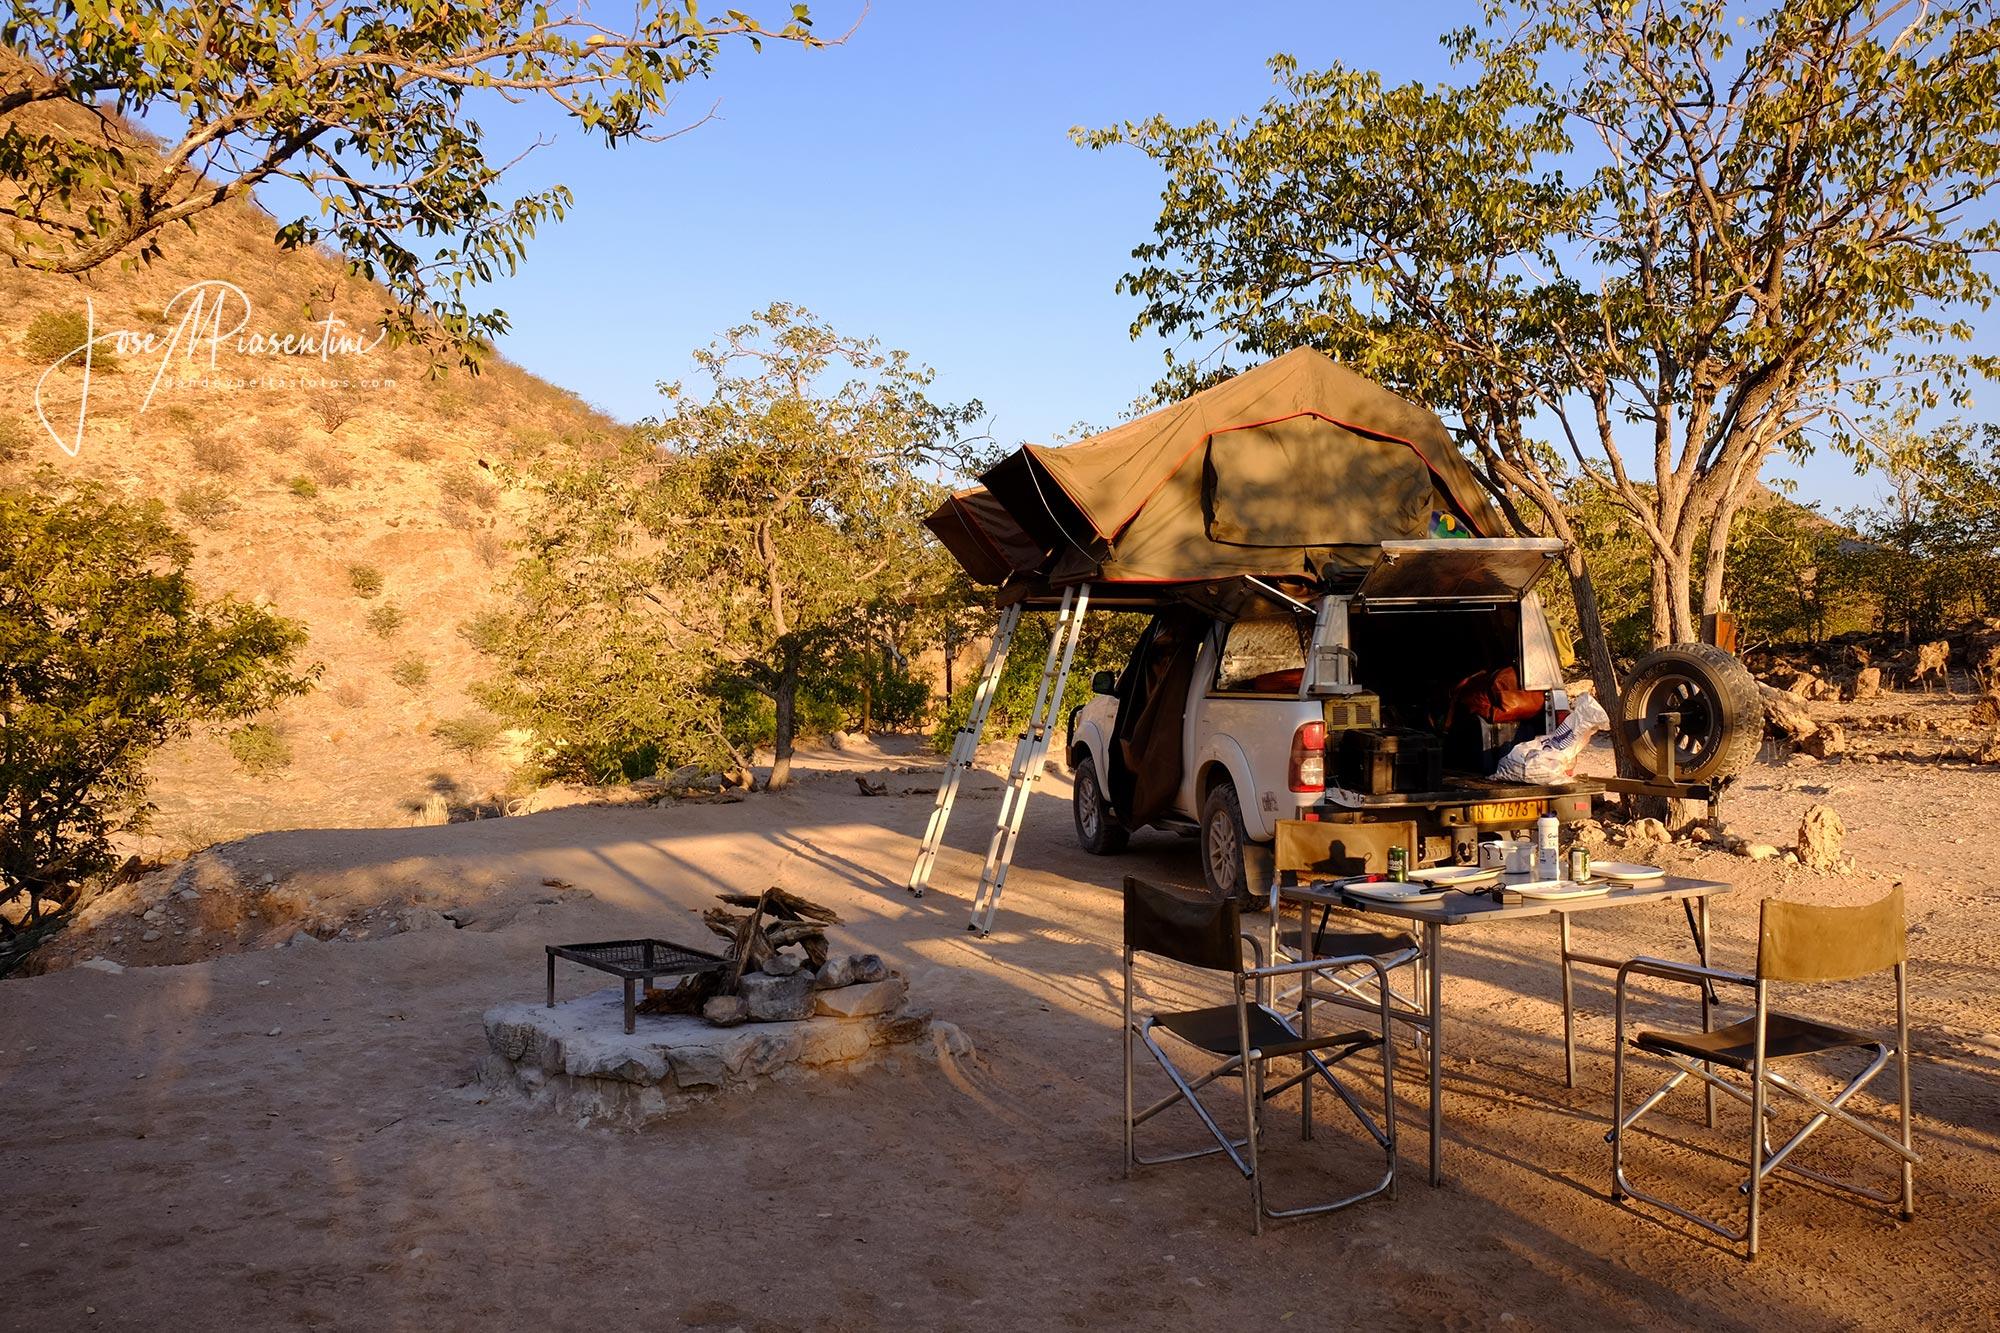 Visitar Damaraland - Khowarib-camp-site-namibia